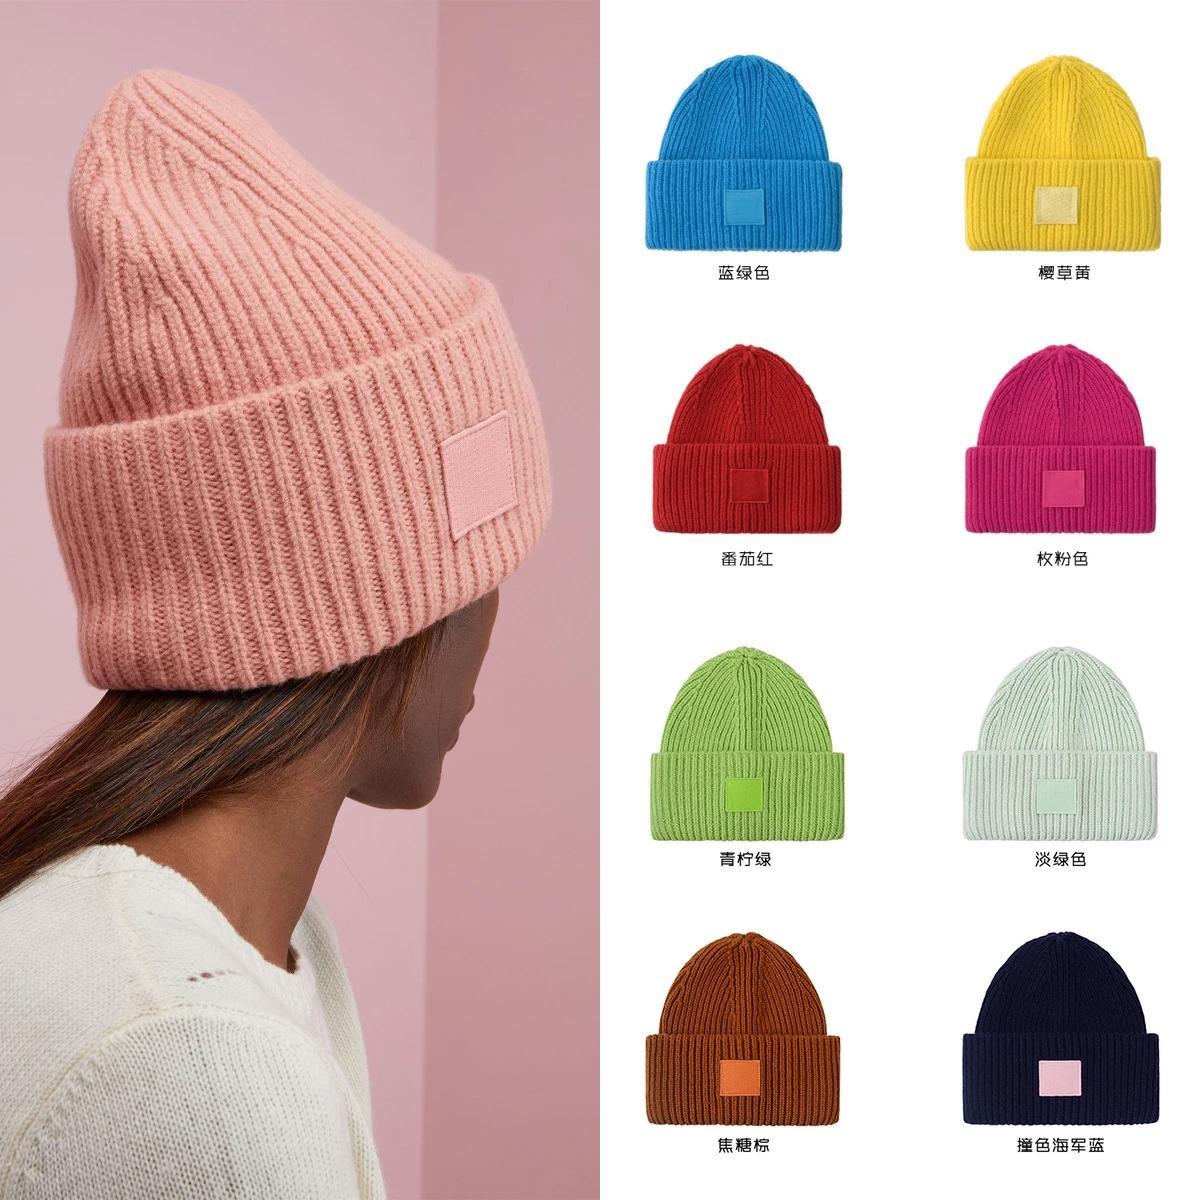 Verastore جديد قبعات الشتاء الصلبة لون الصوف حك قبعة قبعة المرأة عارضة الدافئة أنثى لينة ثخن التحوط كاب مترهل بونيه